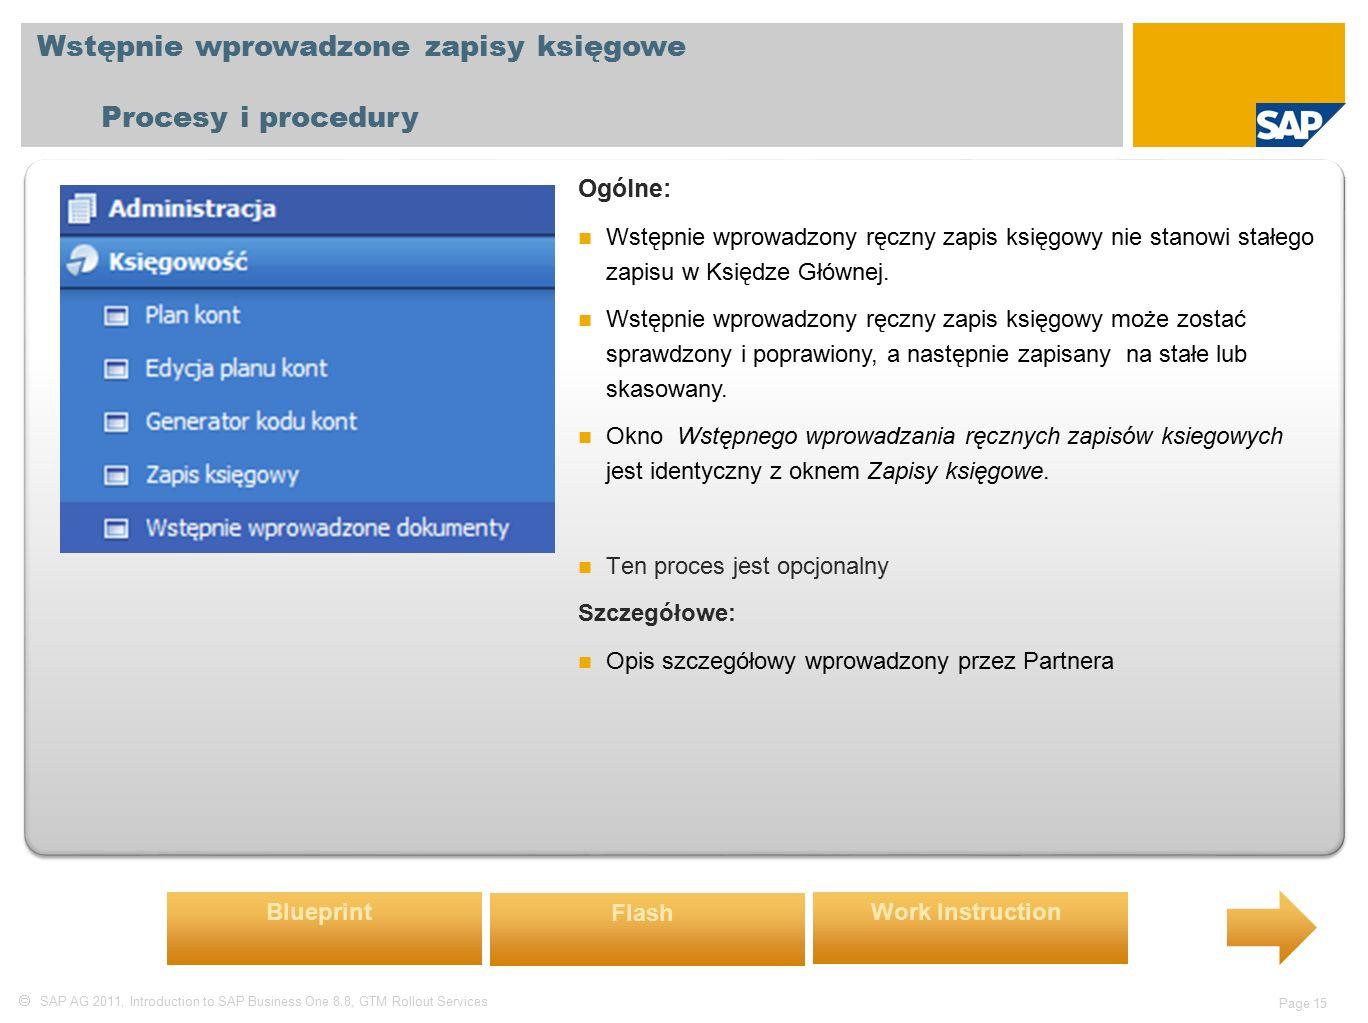  SAP AG 2011, Introduction to SAP Business One 8.8, GTM Rollout Services Page 15 Wstępnie wprowadzone zapisy księgowe Procesy i procedury Ogólne: Wstępnie wprowadzony ręczny zapis księgowy nie stanowi stałego zapisu w Księdze Głównej.